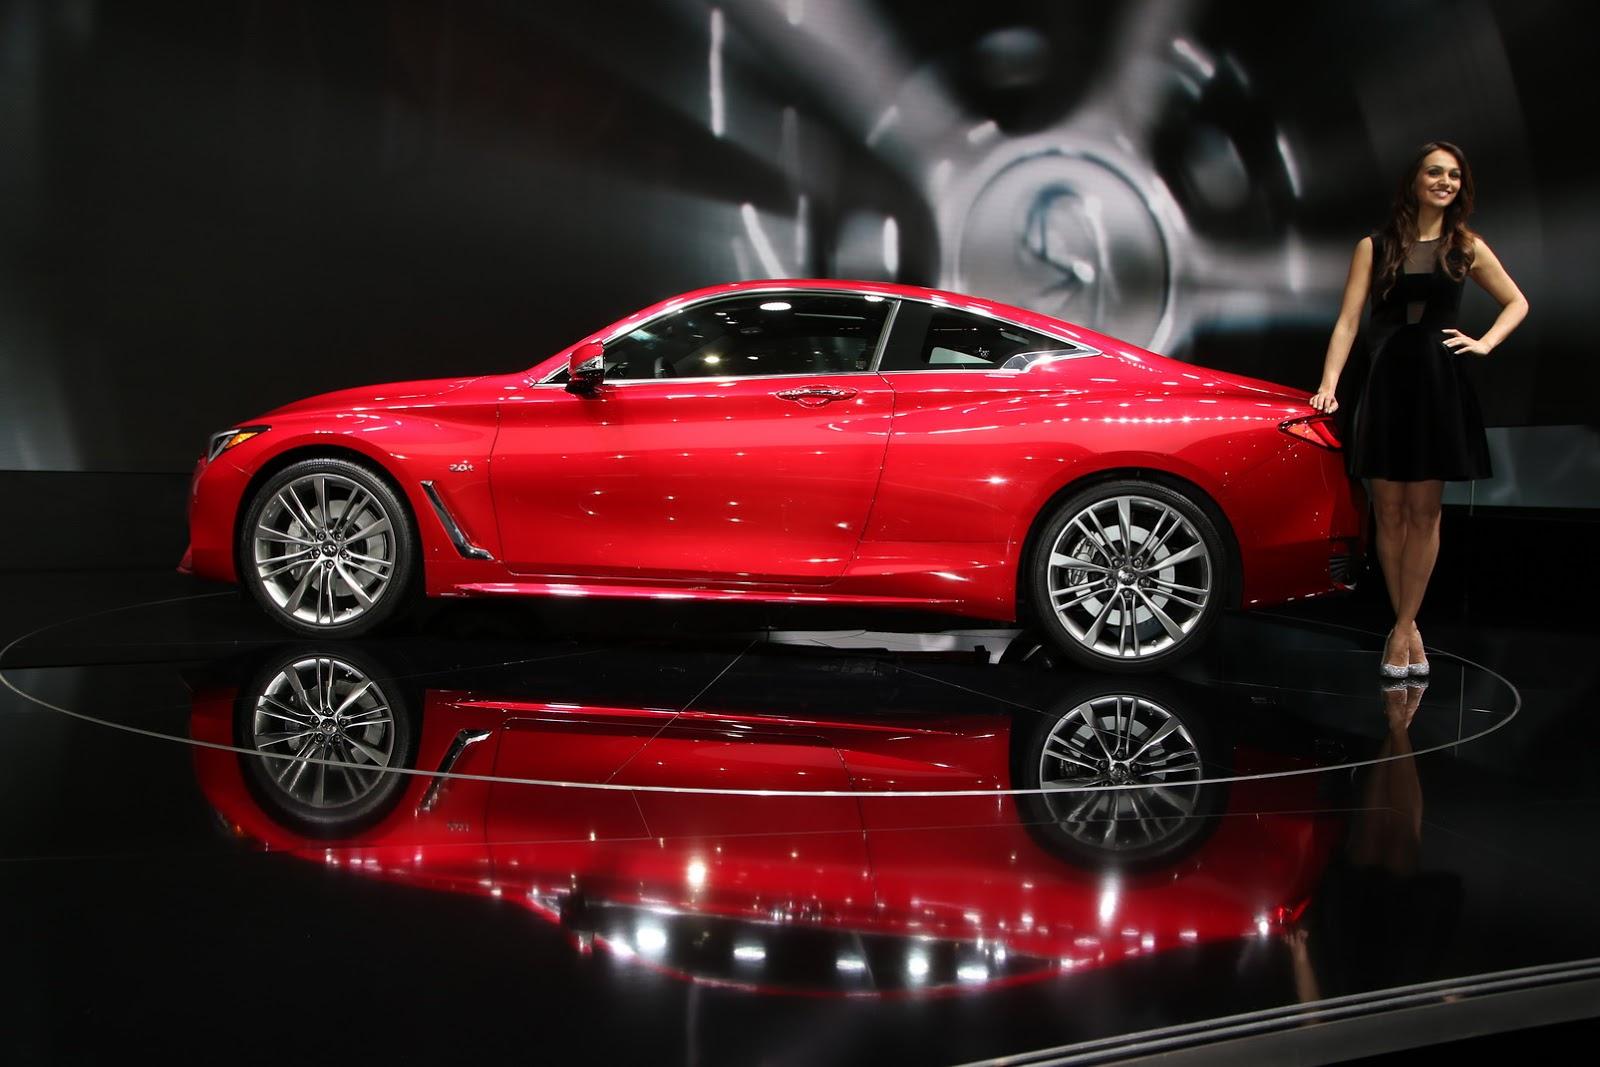 Infiniti ra mắt một lúc 3 dòng xe QX30, Q50 và Q60 tại Geneva